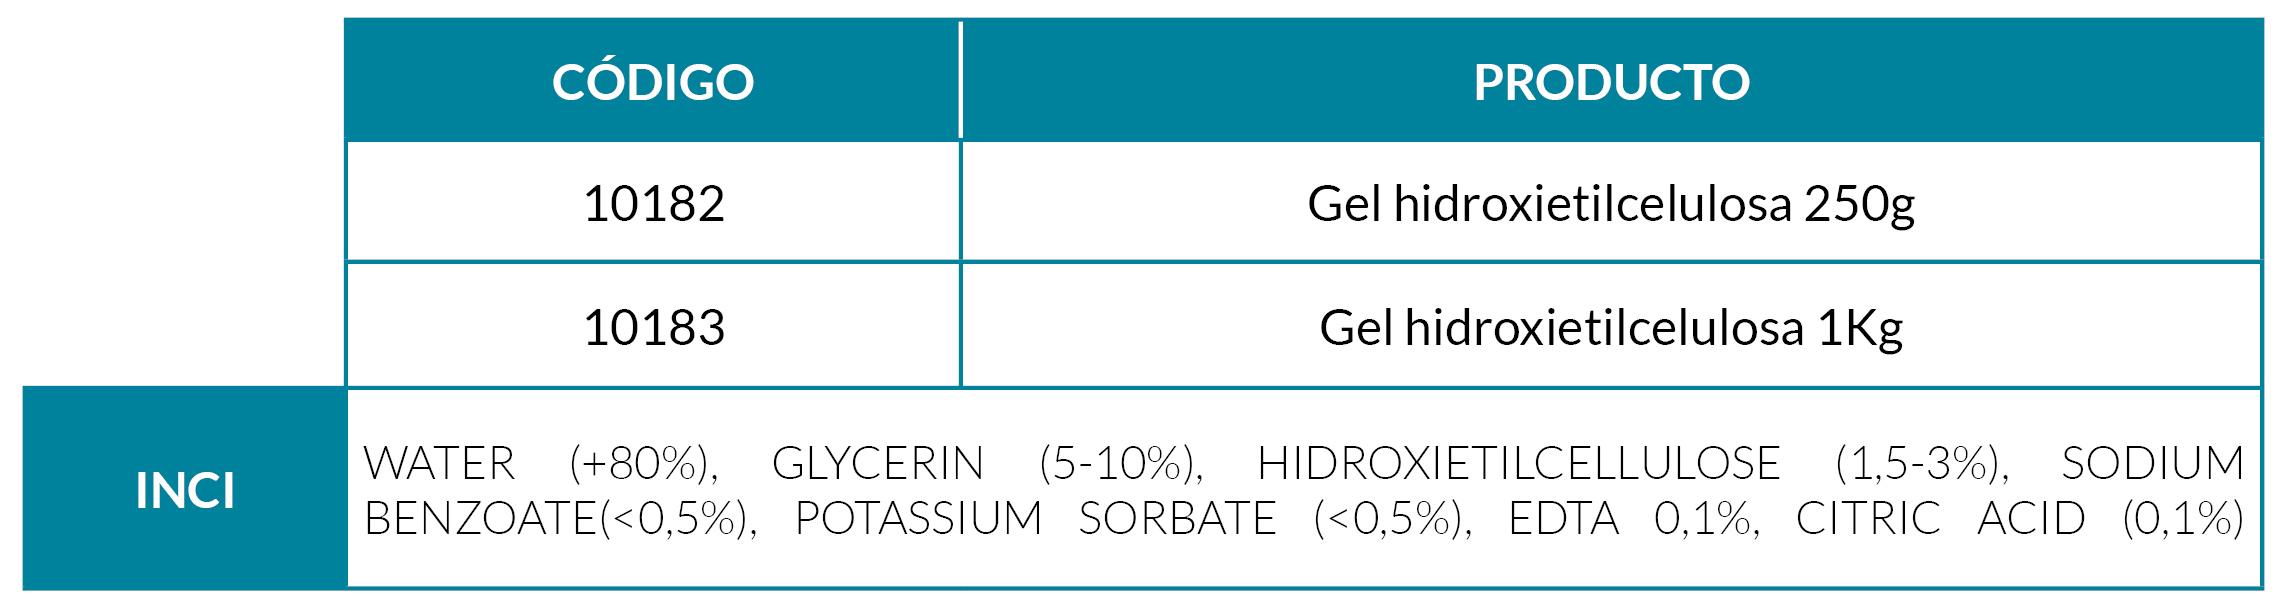 gel hidroxietilcelulosa con clorhexidina digluconato